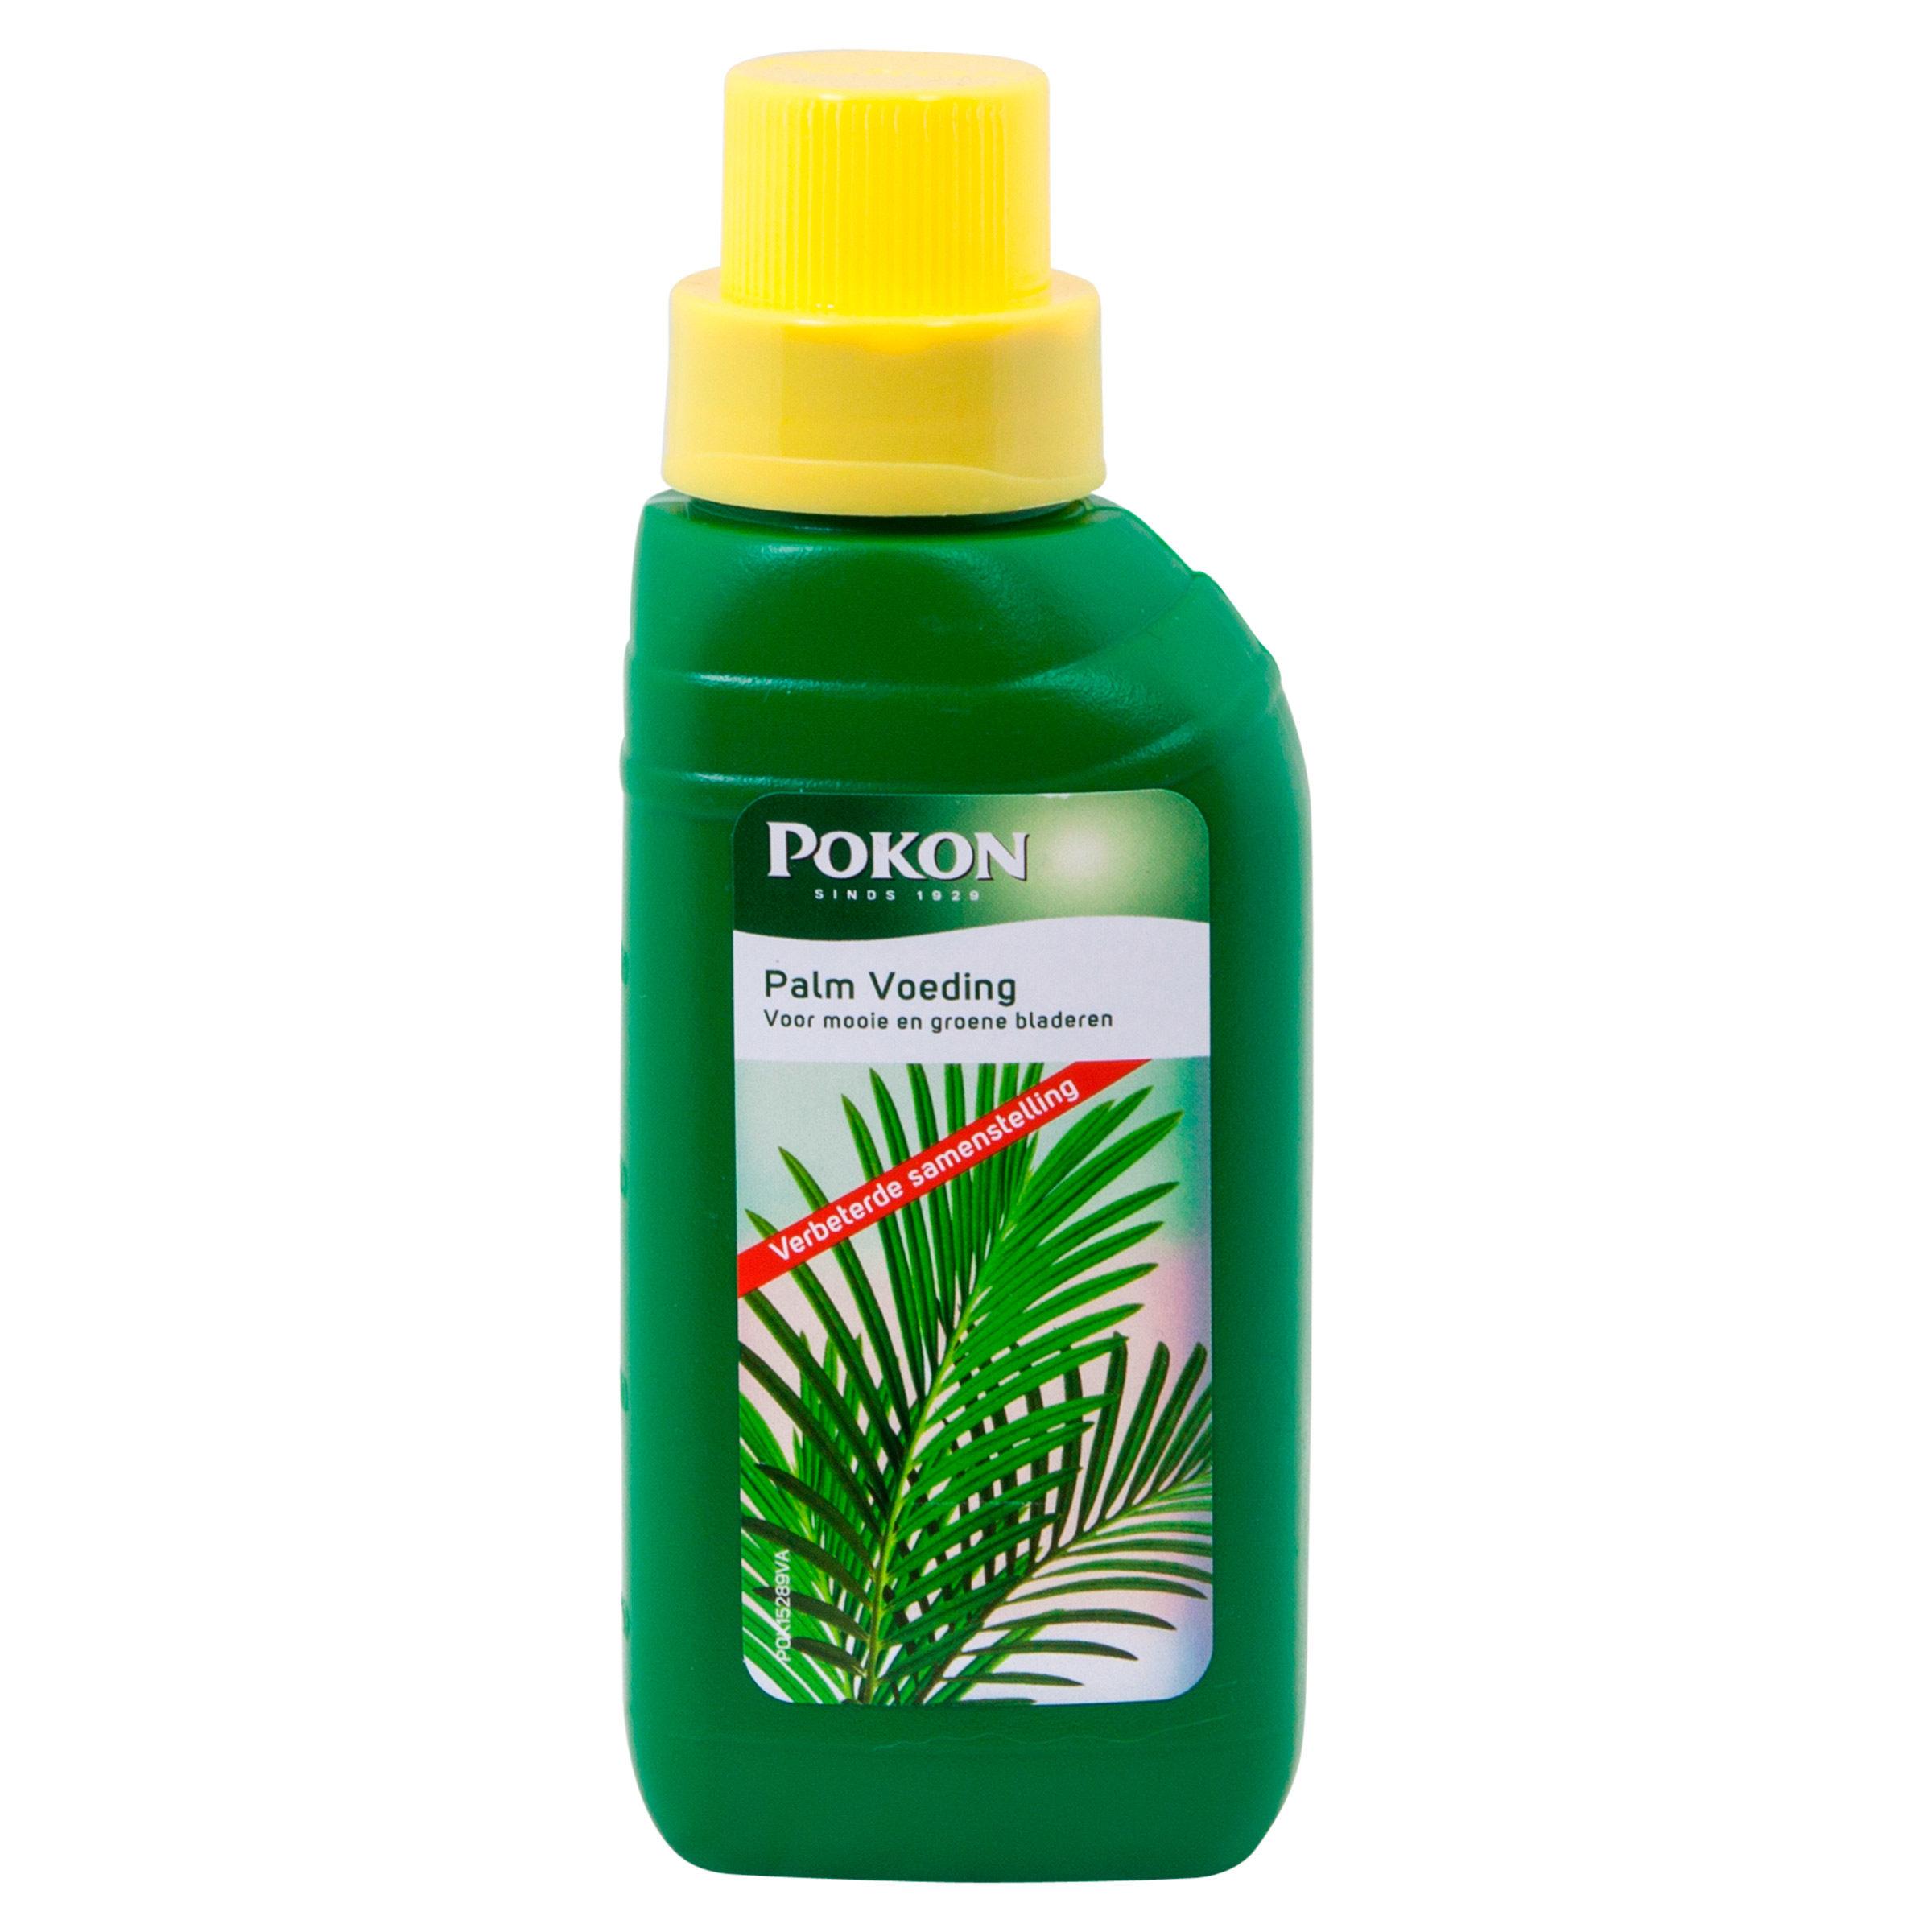 Pokon Palm Voeding 250ml voorkant